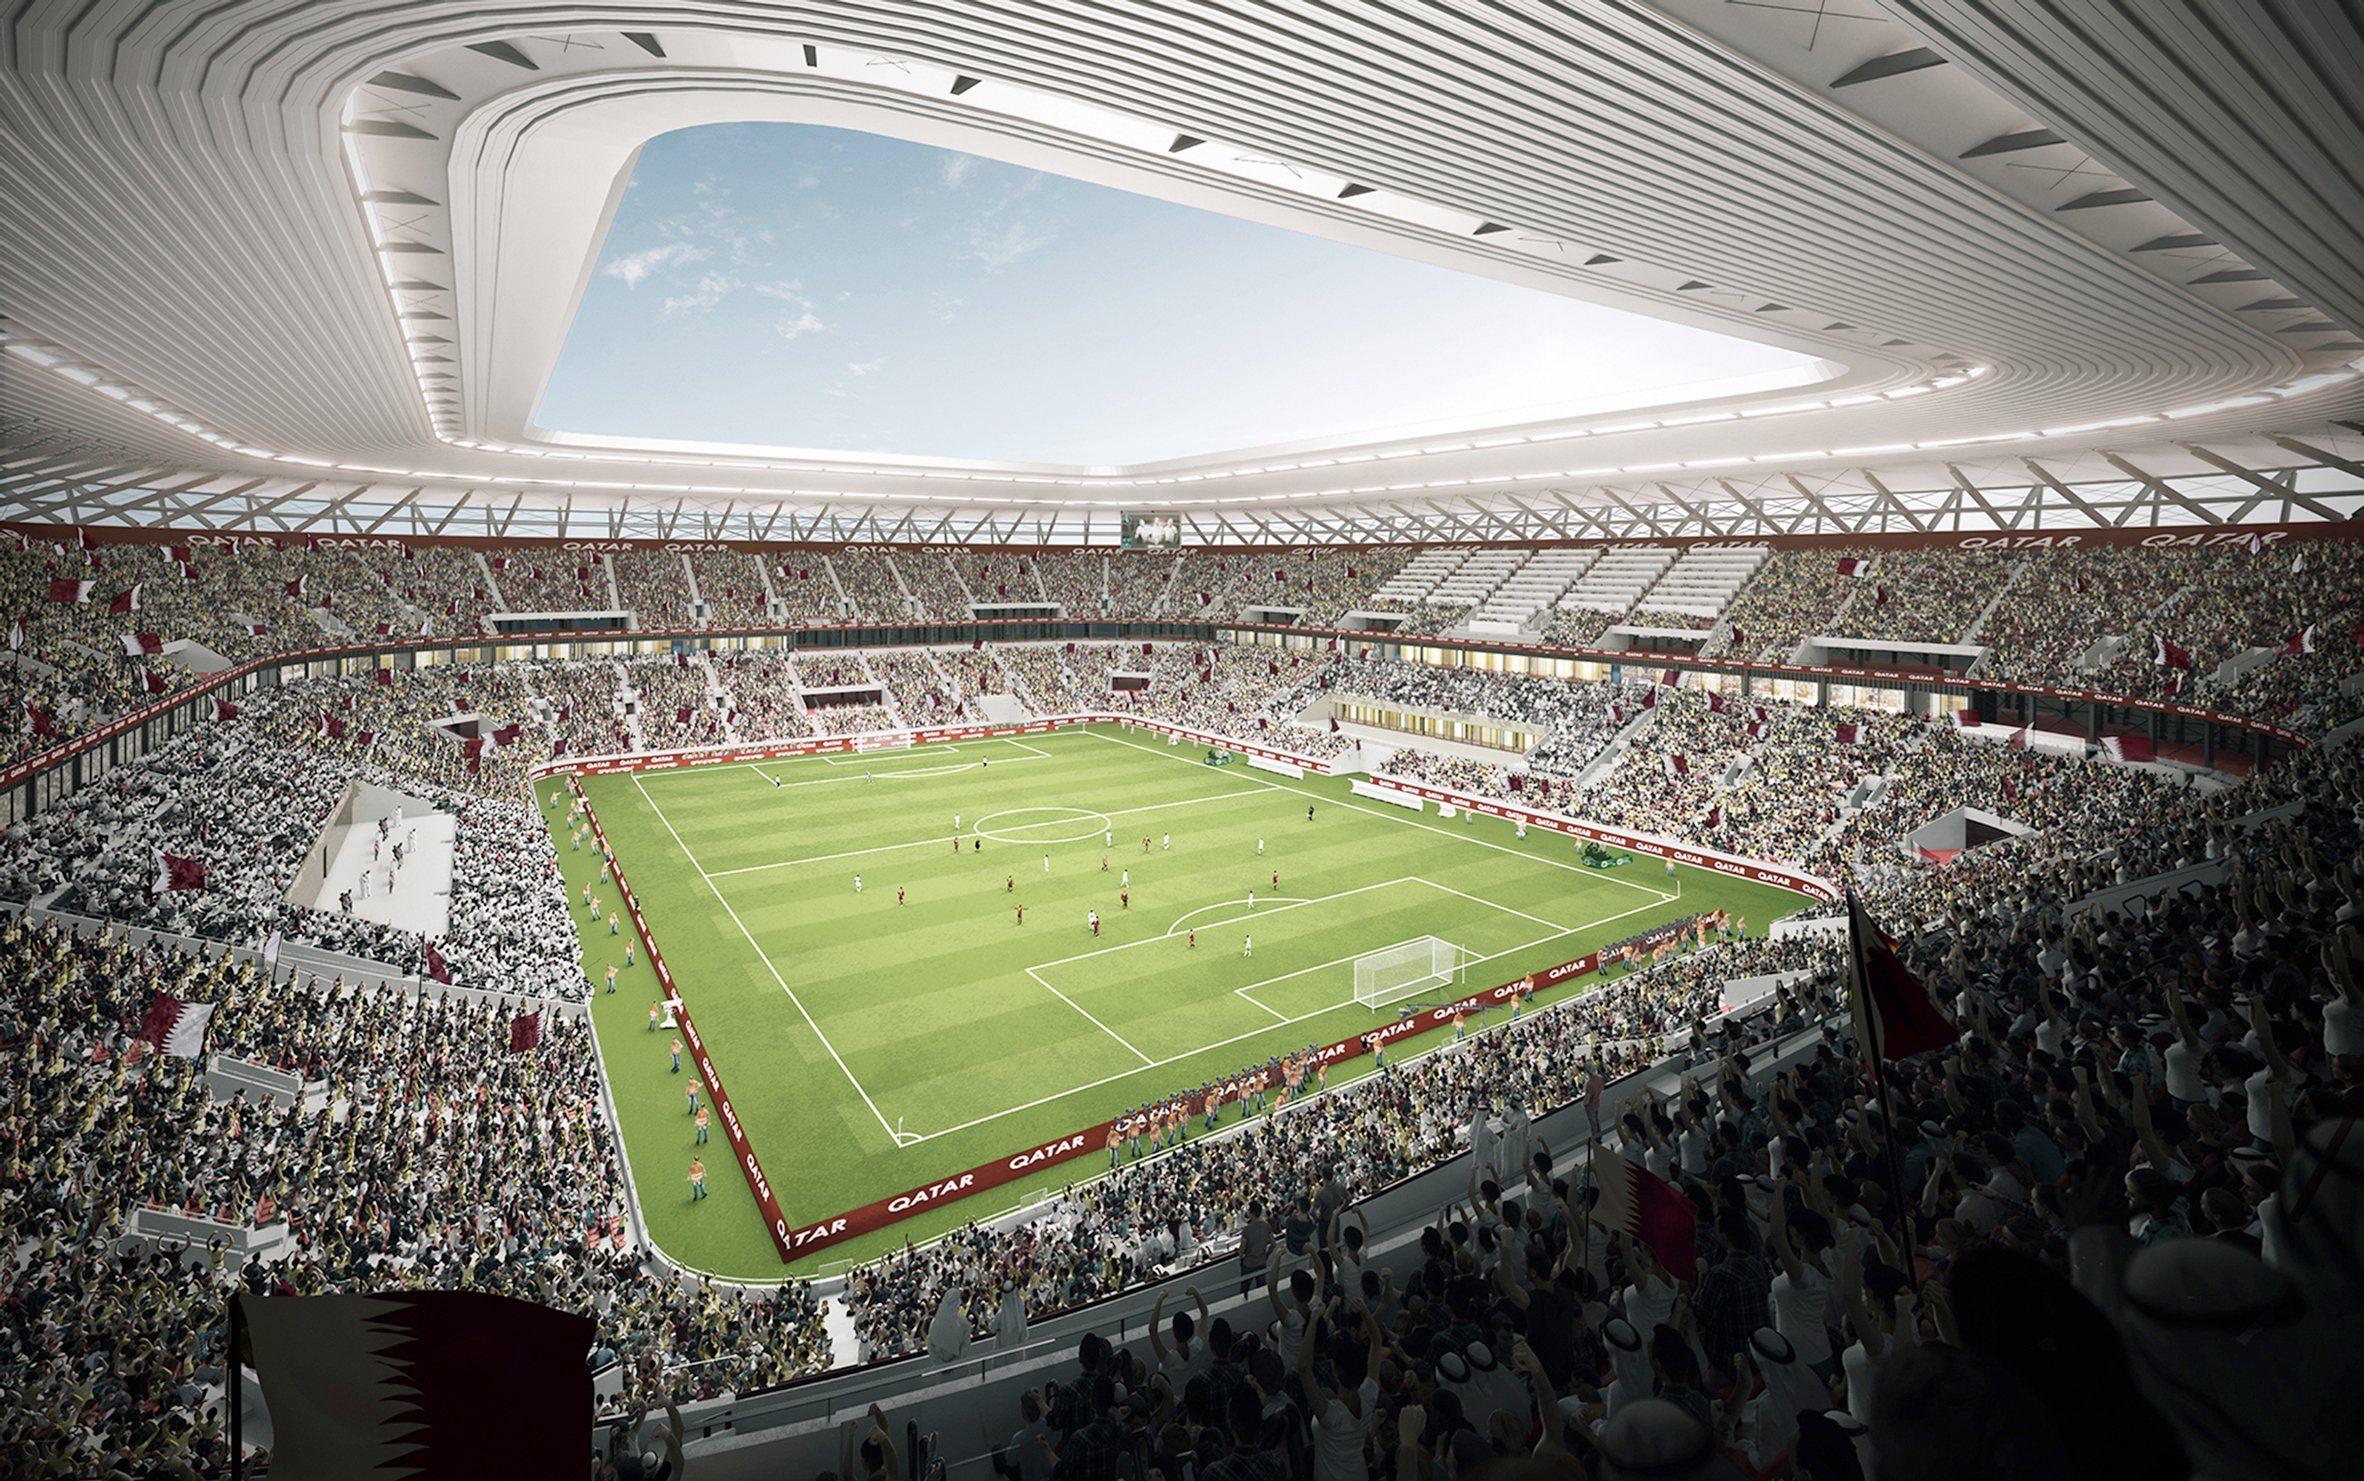 Un stade de conteneurs maritimes pour la coupe du monde for Maison du monde qatar